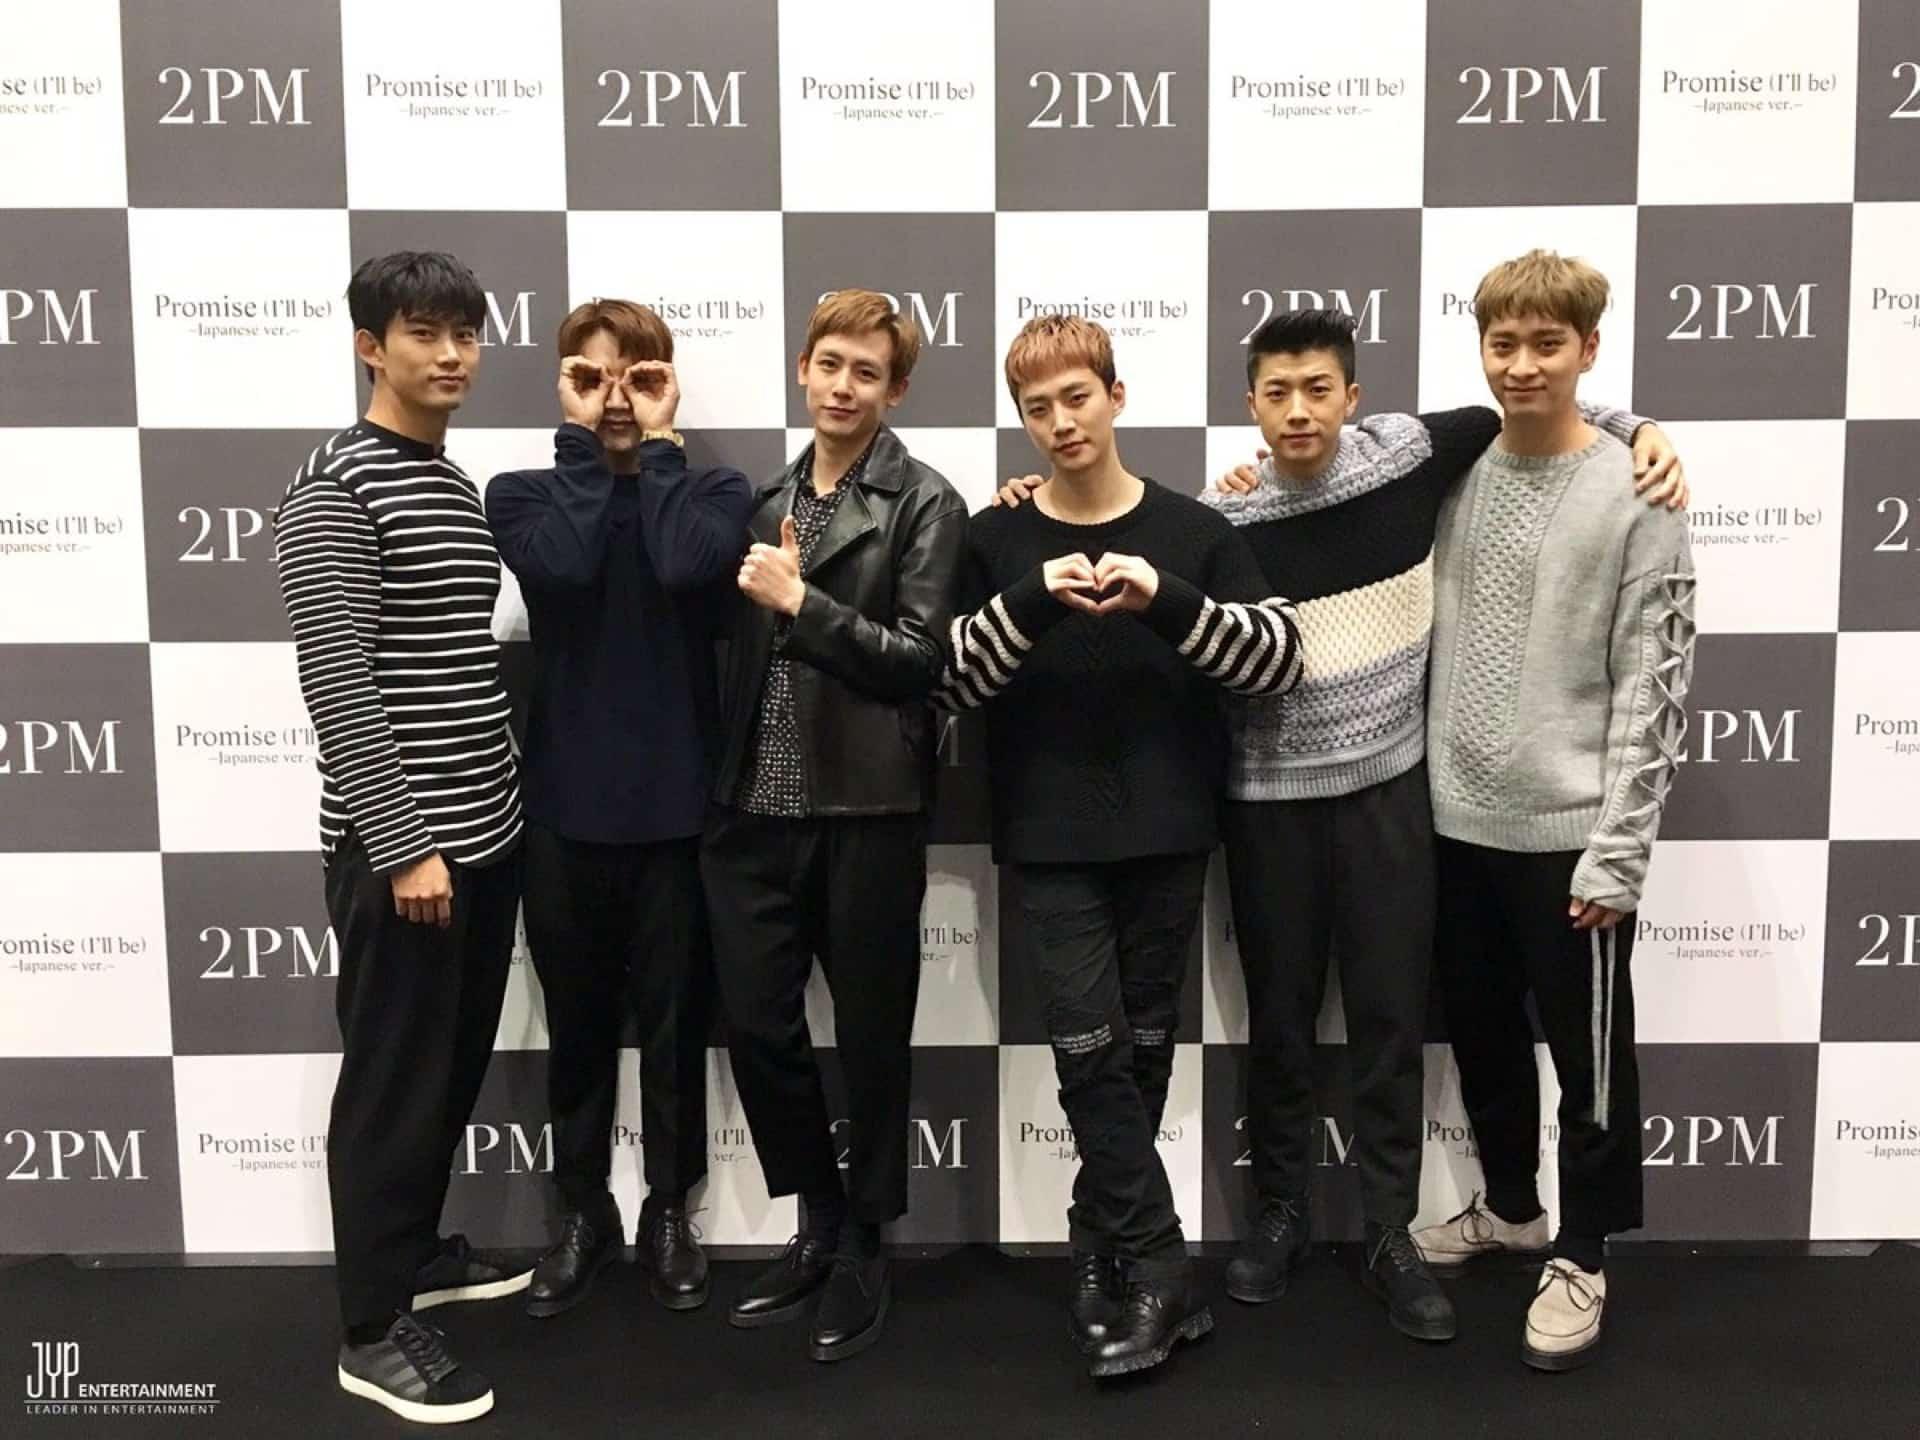 「2PMに出て欲しい!」HOTTESTの声を届けて♡テレビ・ラジオのリクエスト先一覧